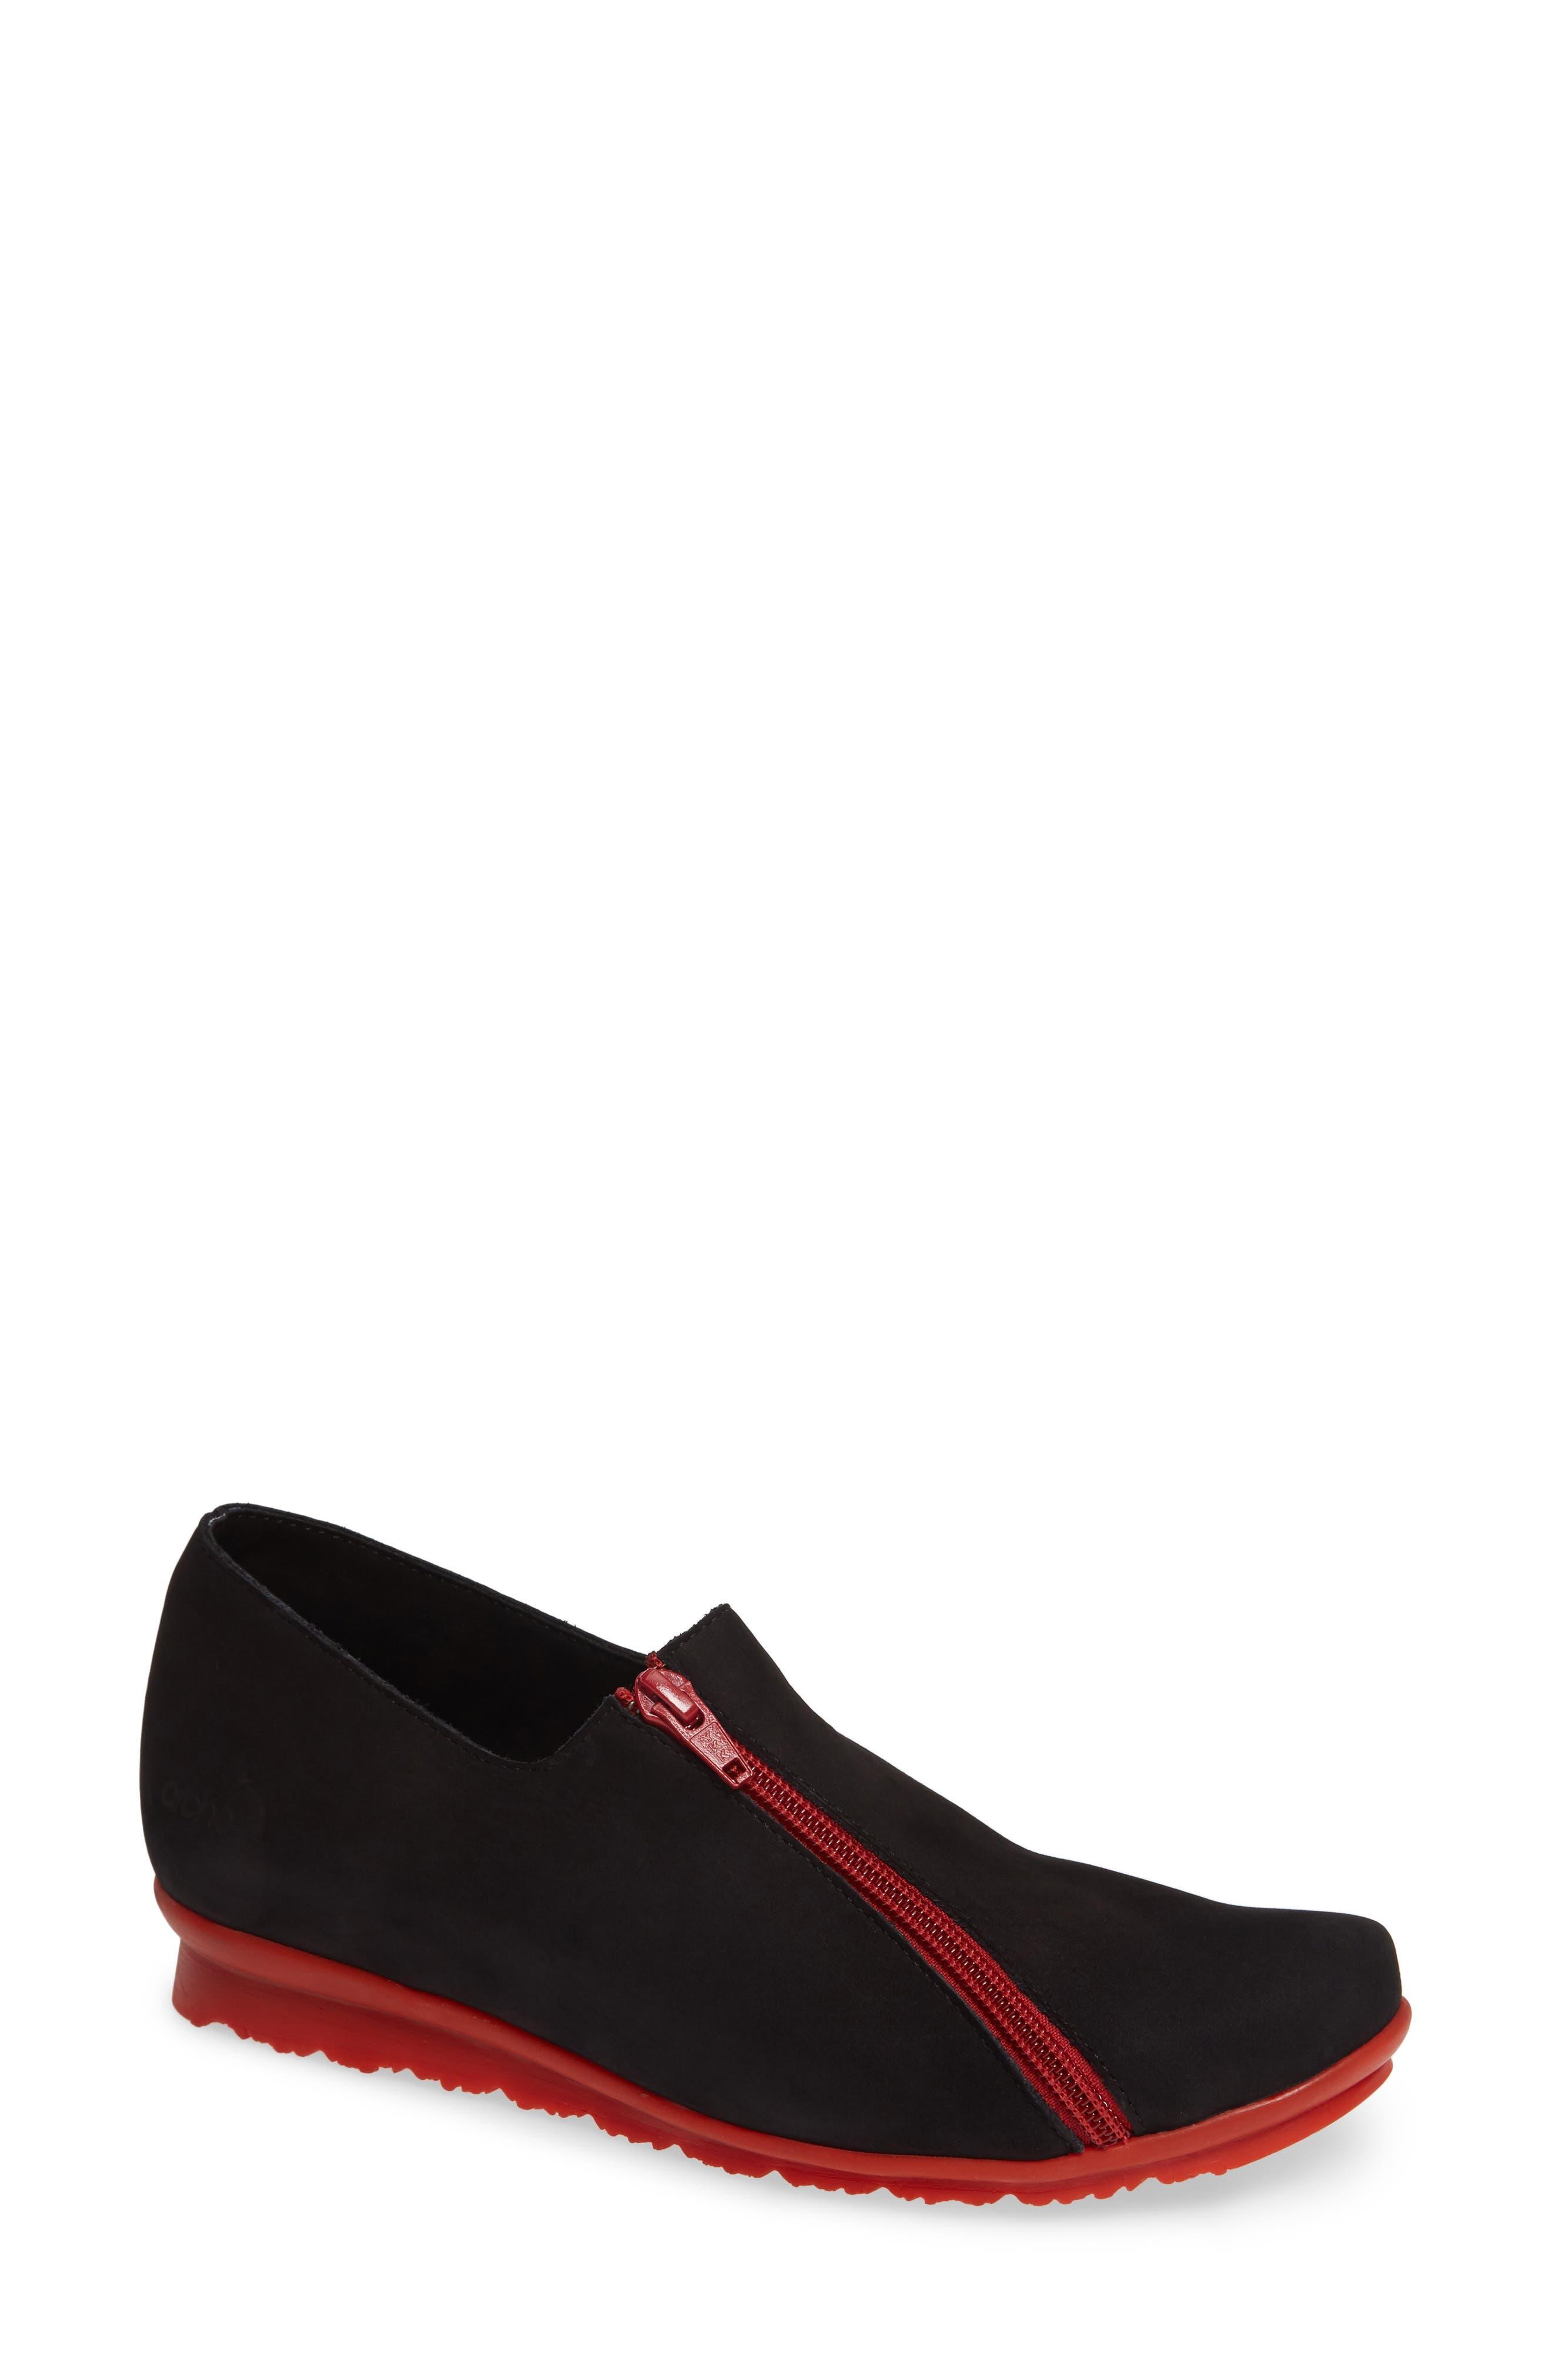 Arche Barway Sport Loafer, Black